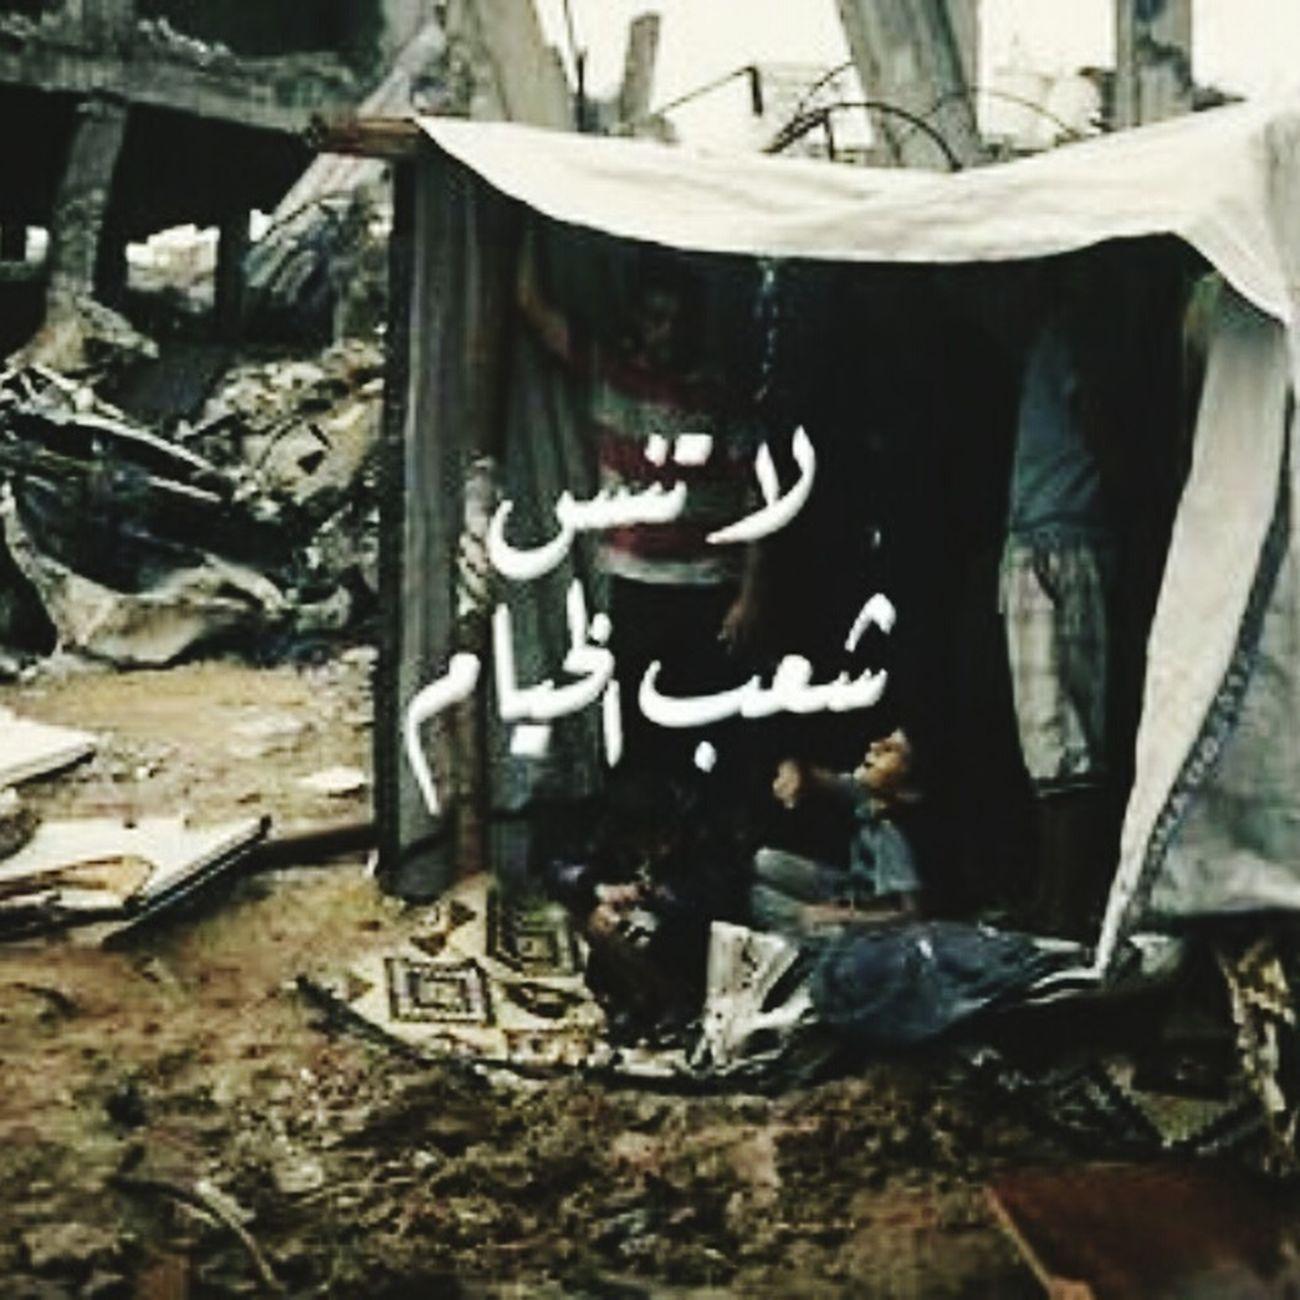 تراحموا اطفال سوريا هم اطفالنا